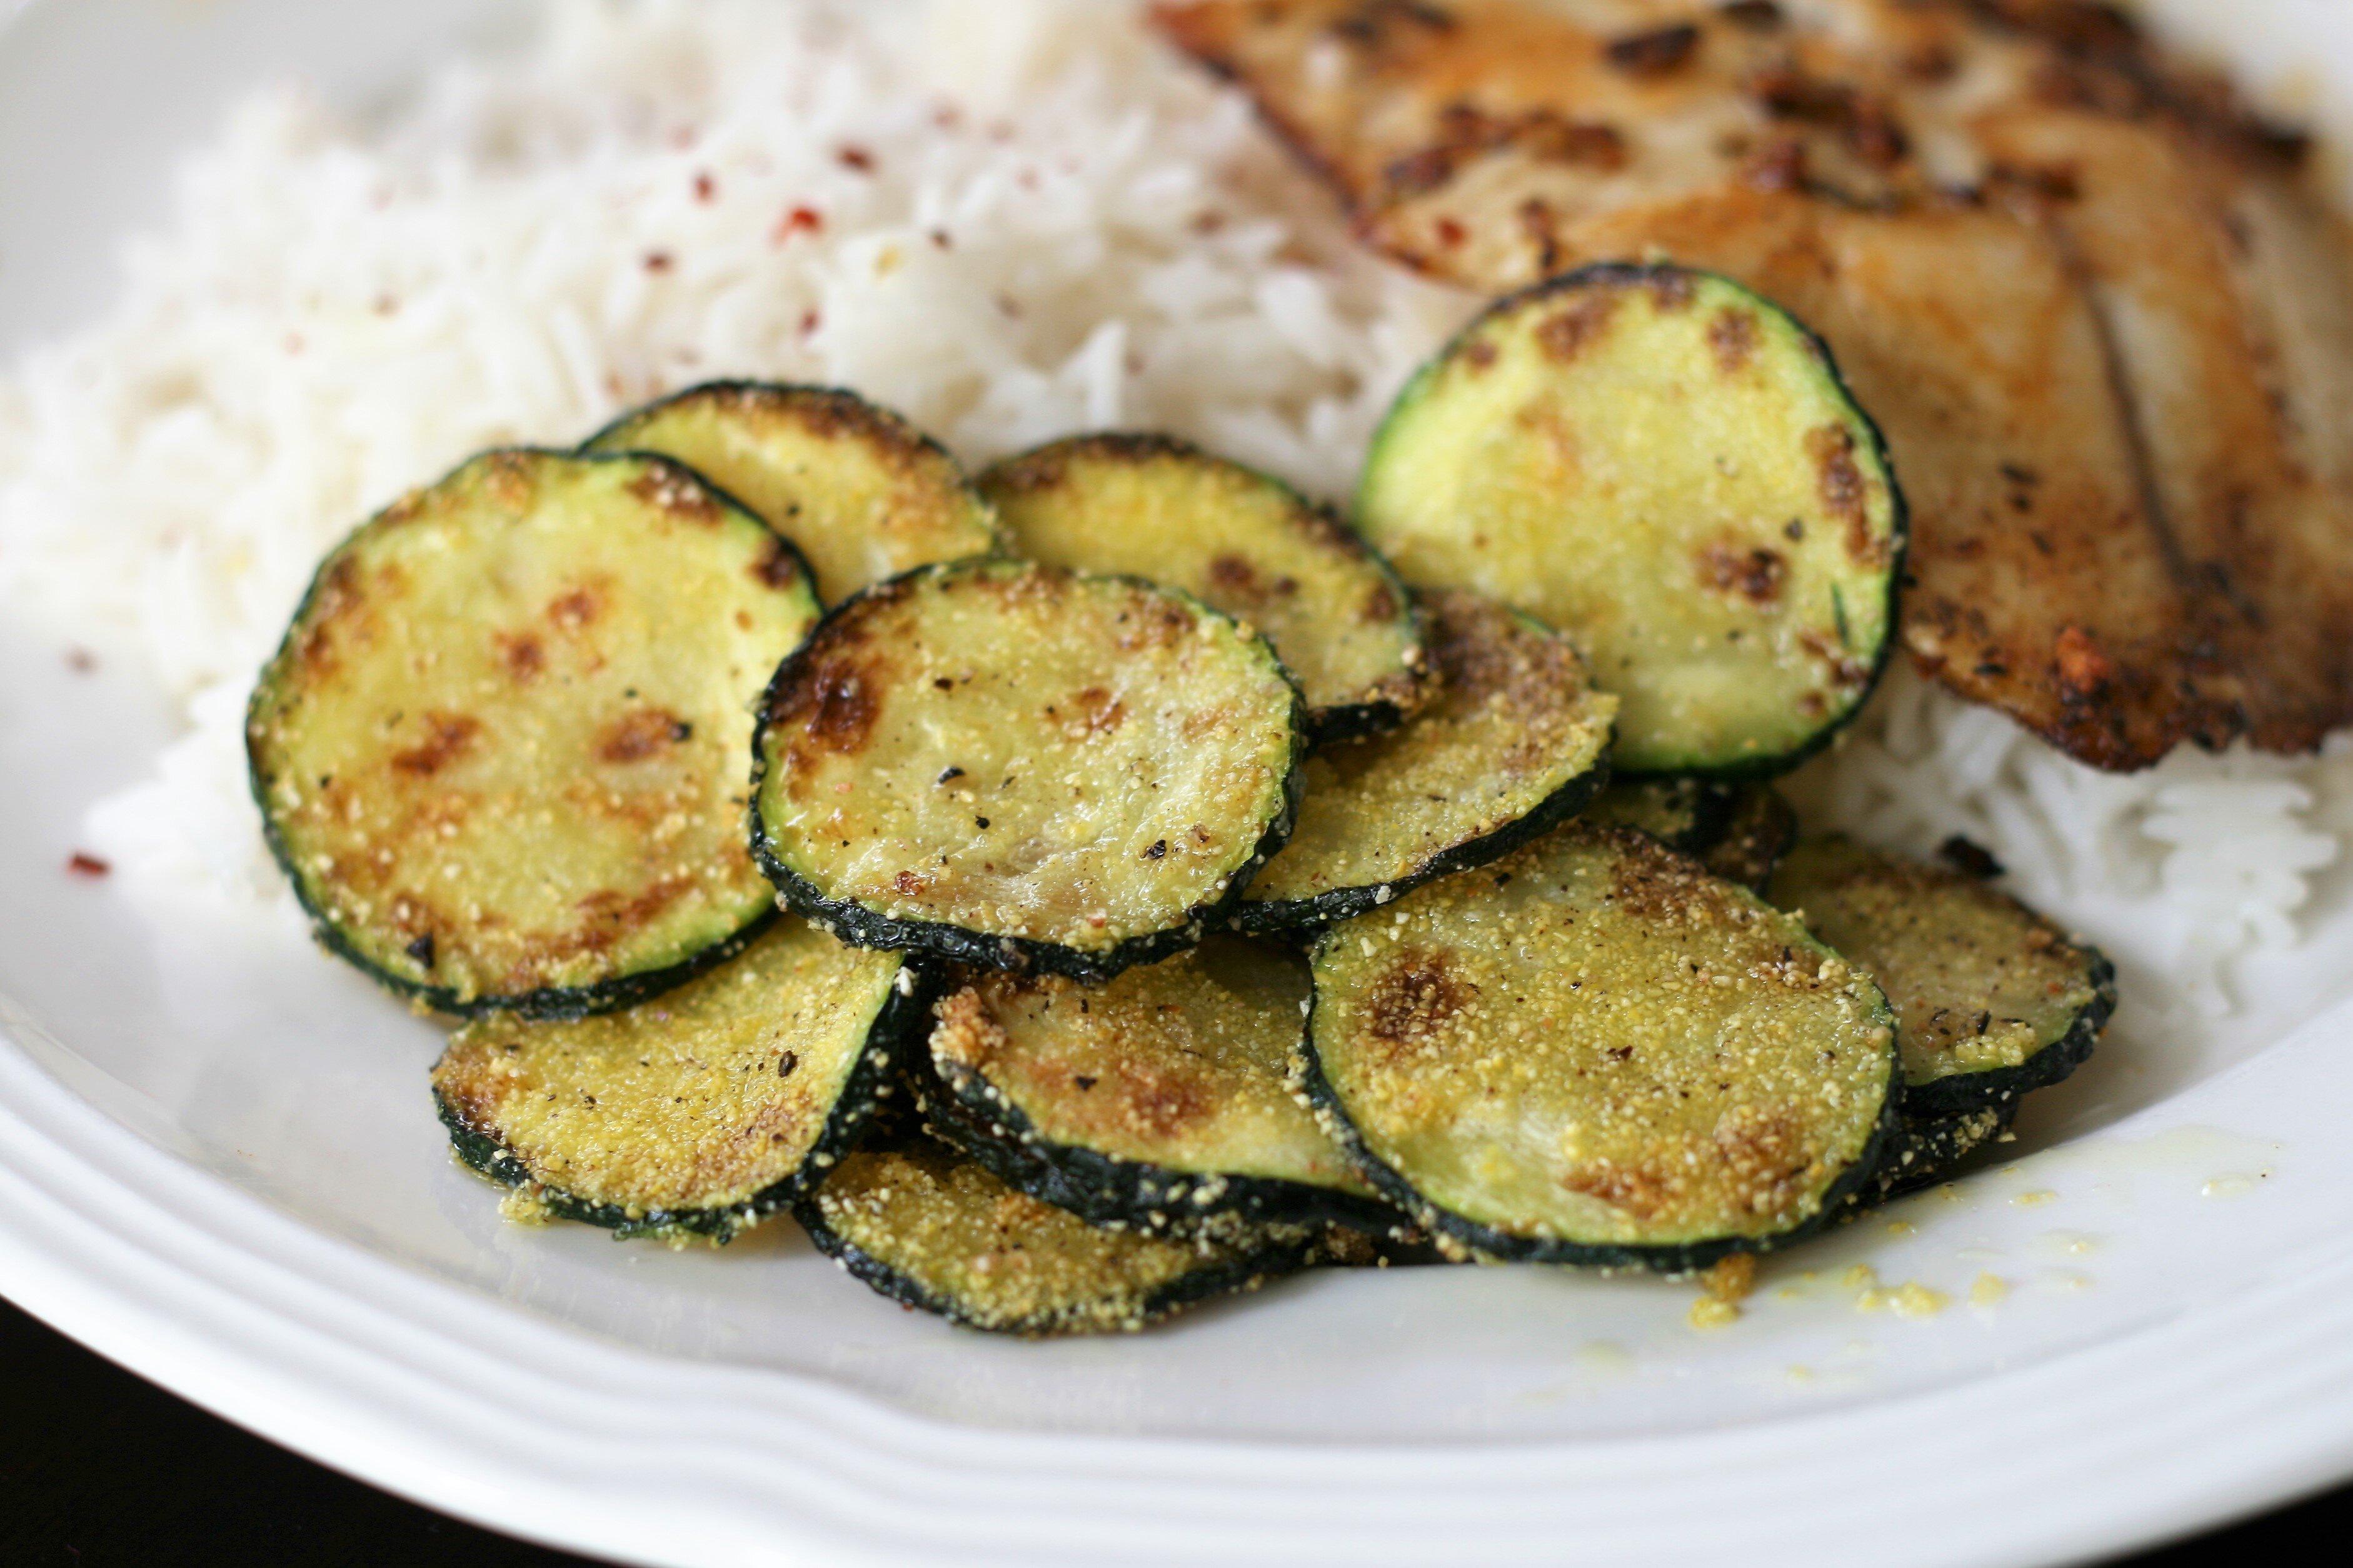 pan fried zucchini recipe